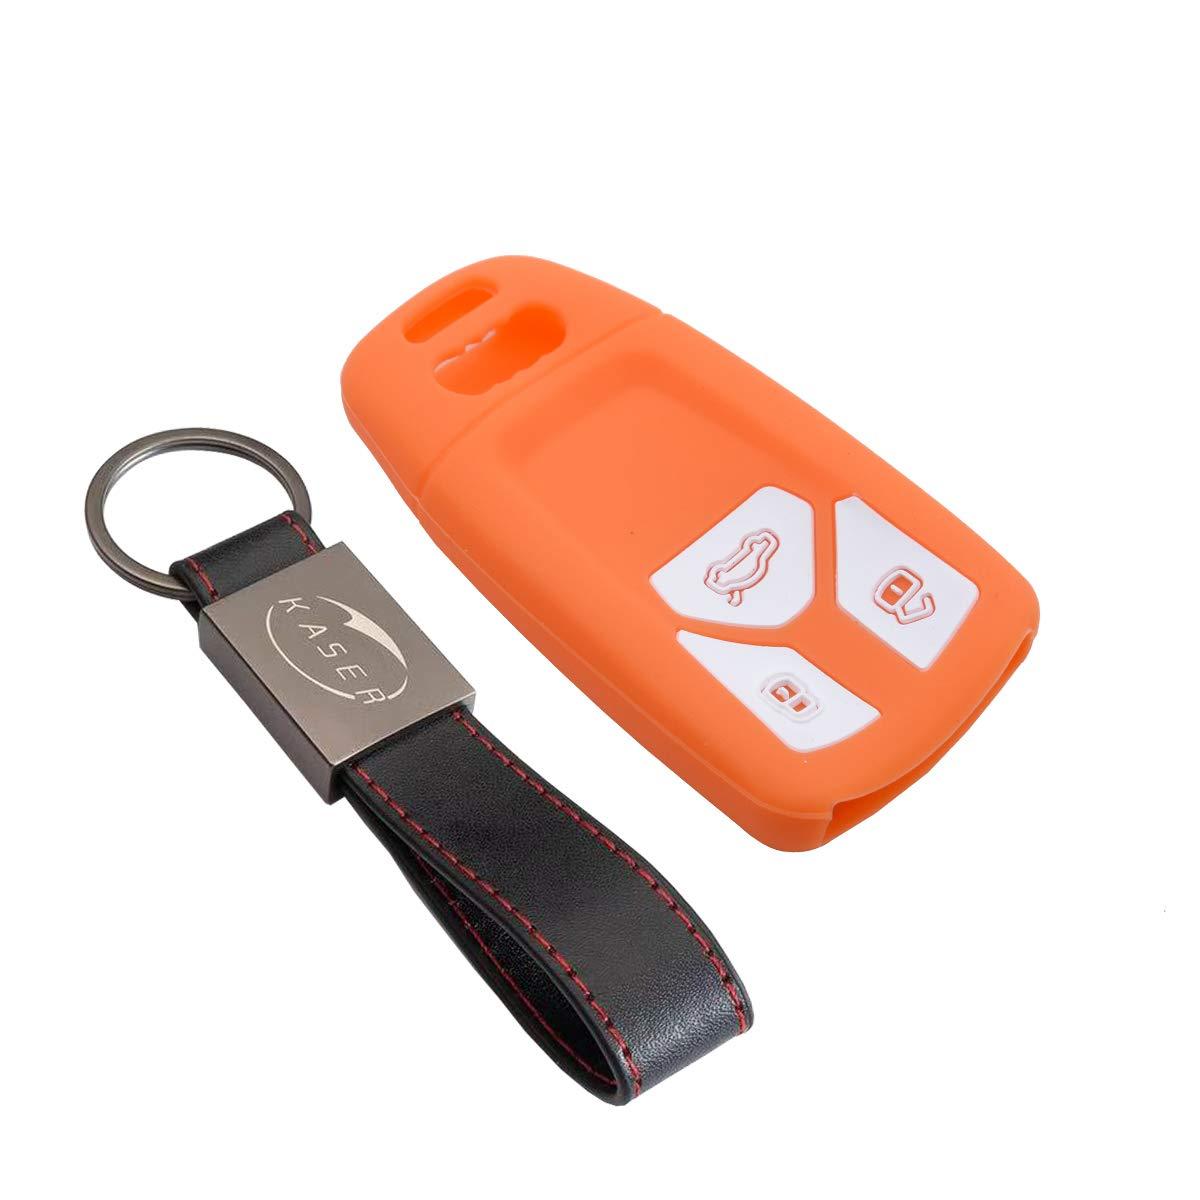 Coque Cover Porte-Cl/és pour Audi A3 A4 A5 A7 A8 Q2 Q5 Q7 TT Keyless GO Protection T/él/écommande Voiture Noir kaser Housse /étui en Silicone pour Cl/é Audi